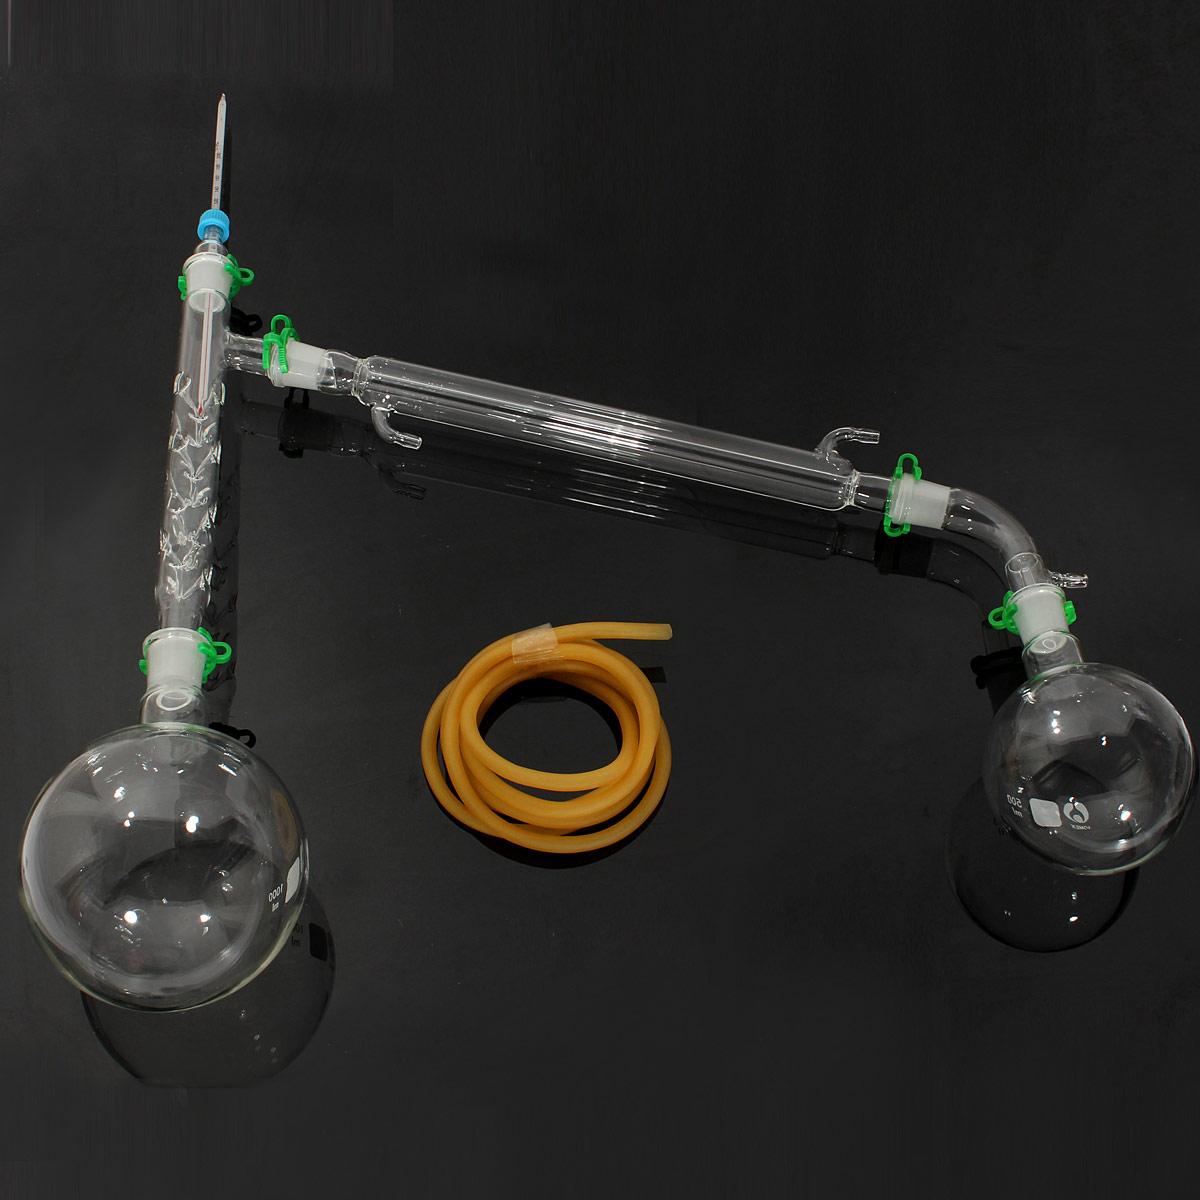 1000ml appareil de Distillation de laboratoire de chimie Kit de verrerie de laboratoire ensemble appareil de Distillation de Distillation de verre 24/29